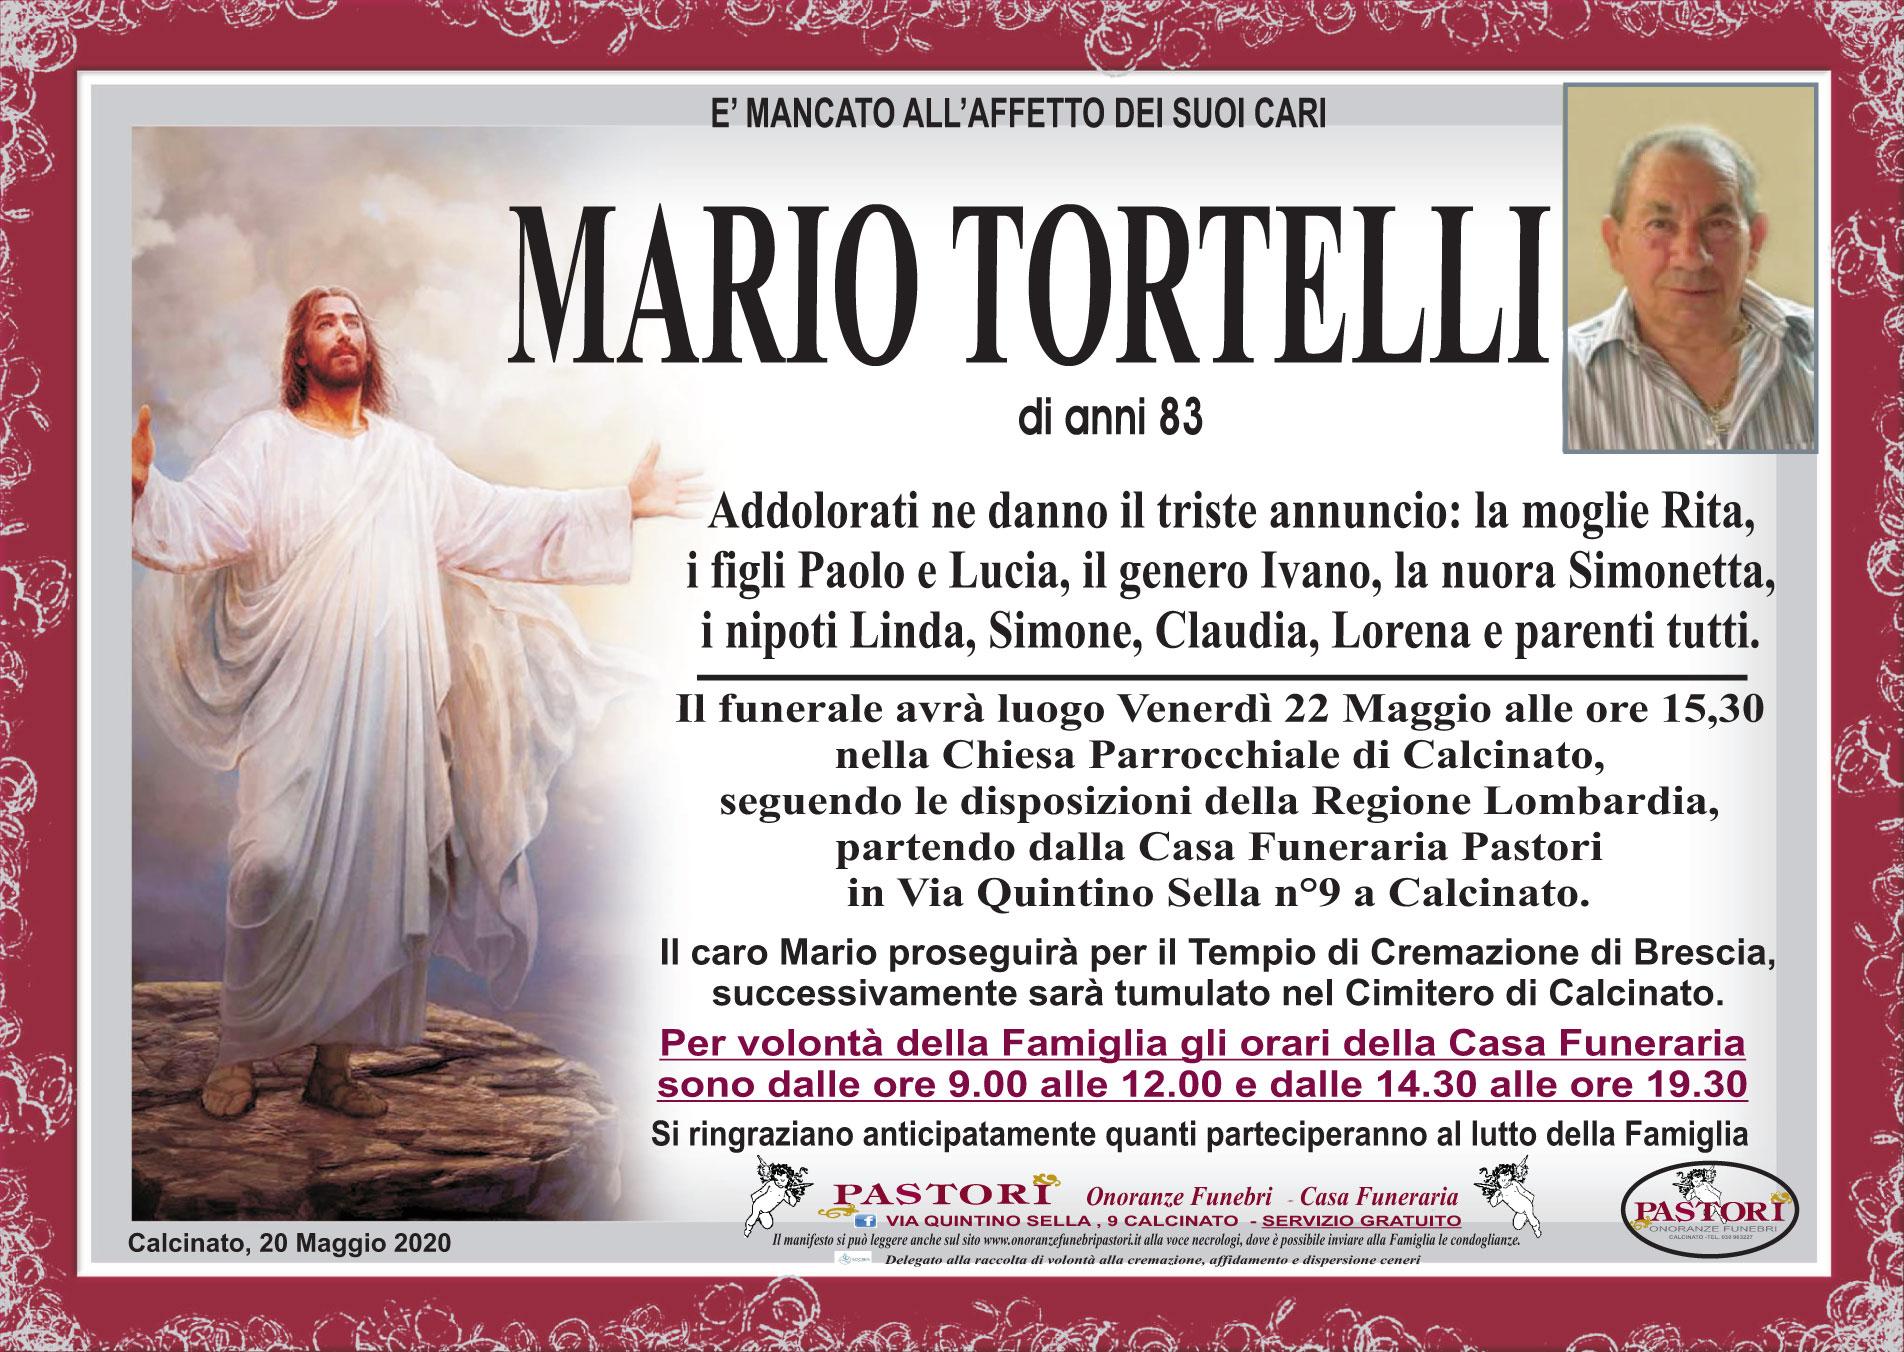 Mario Tortelli